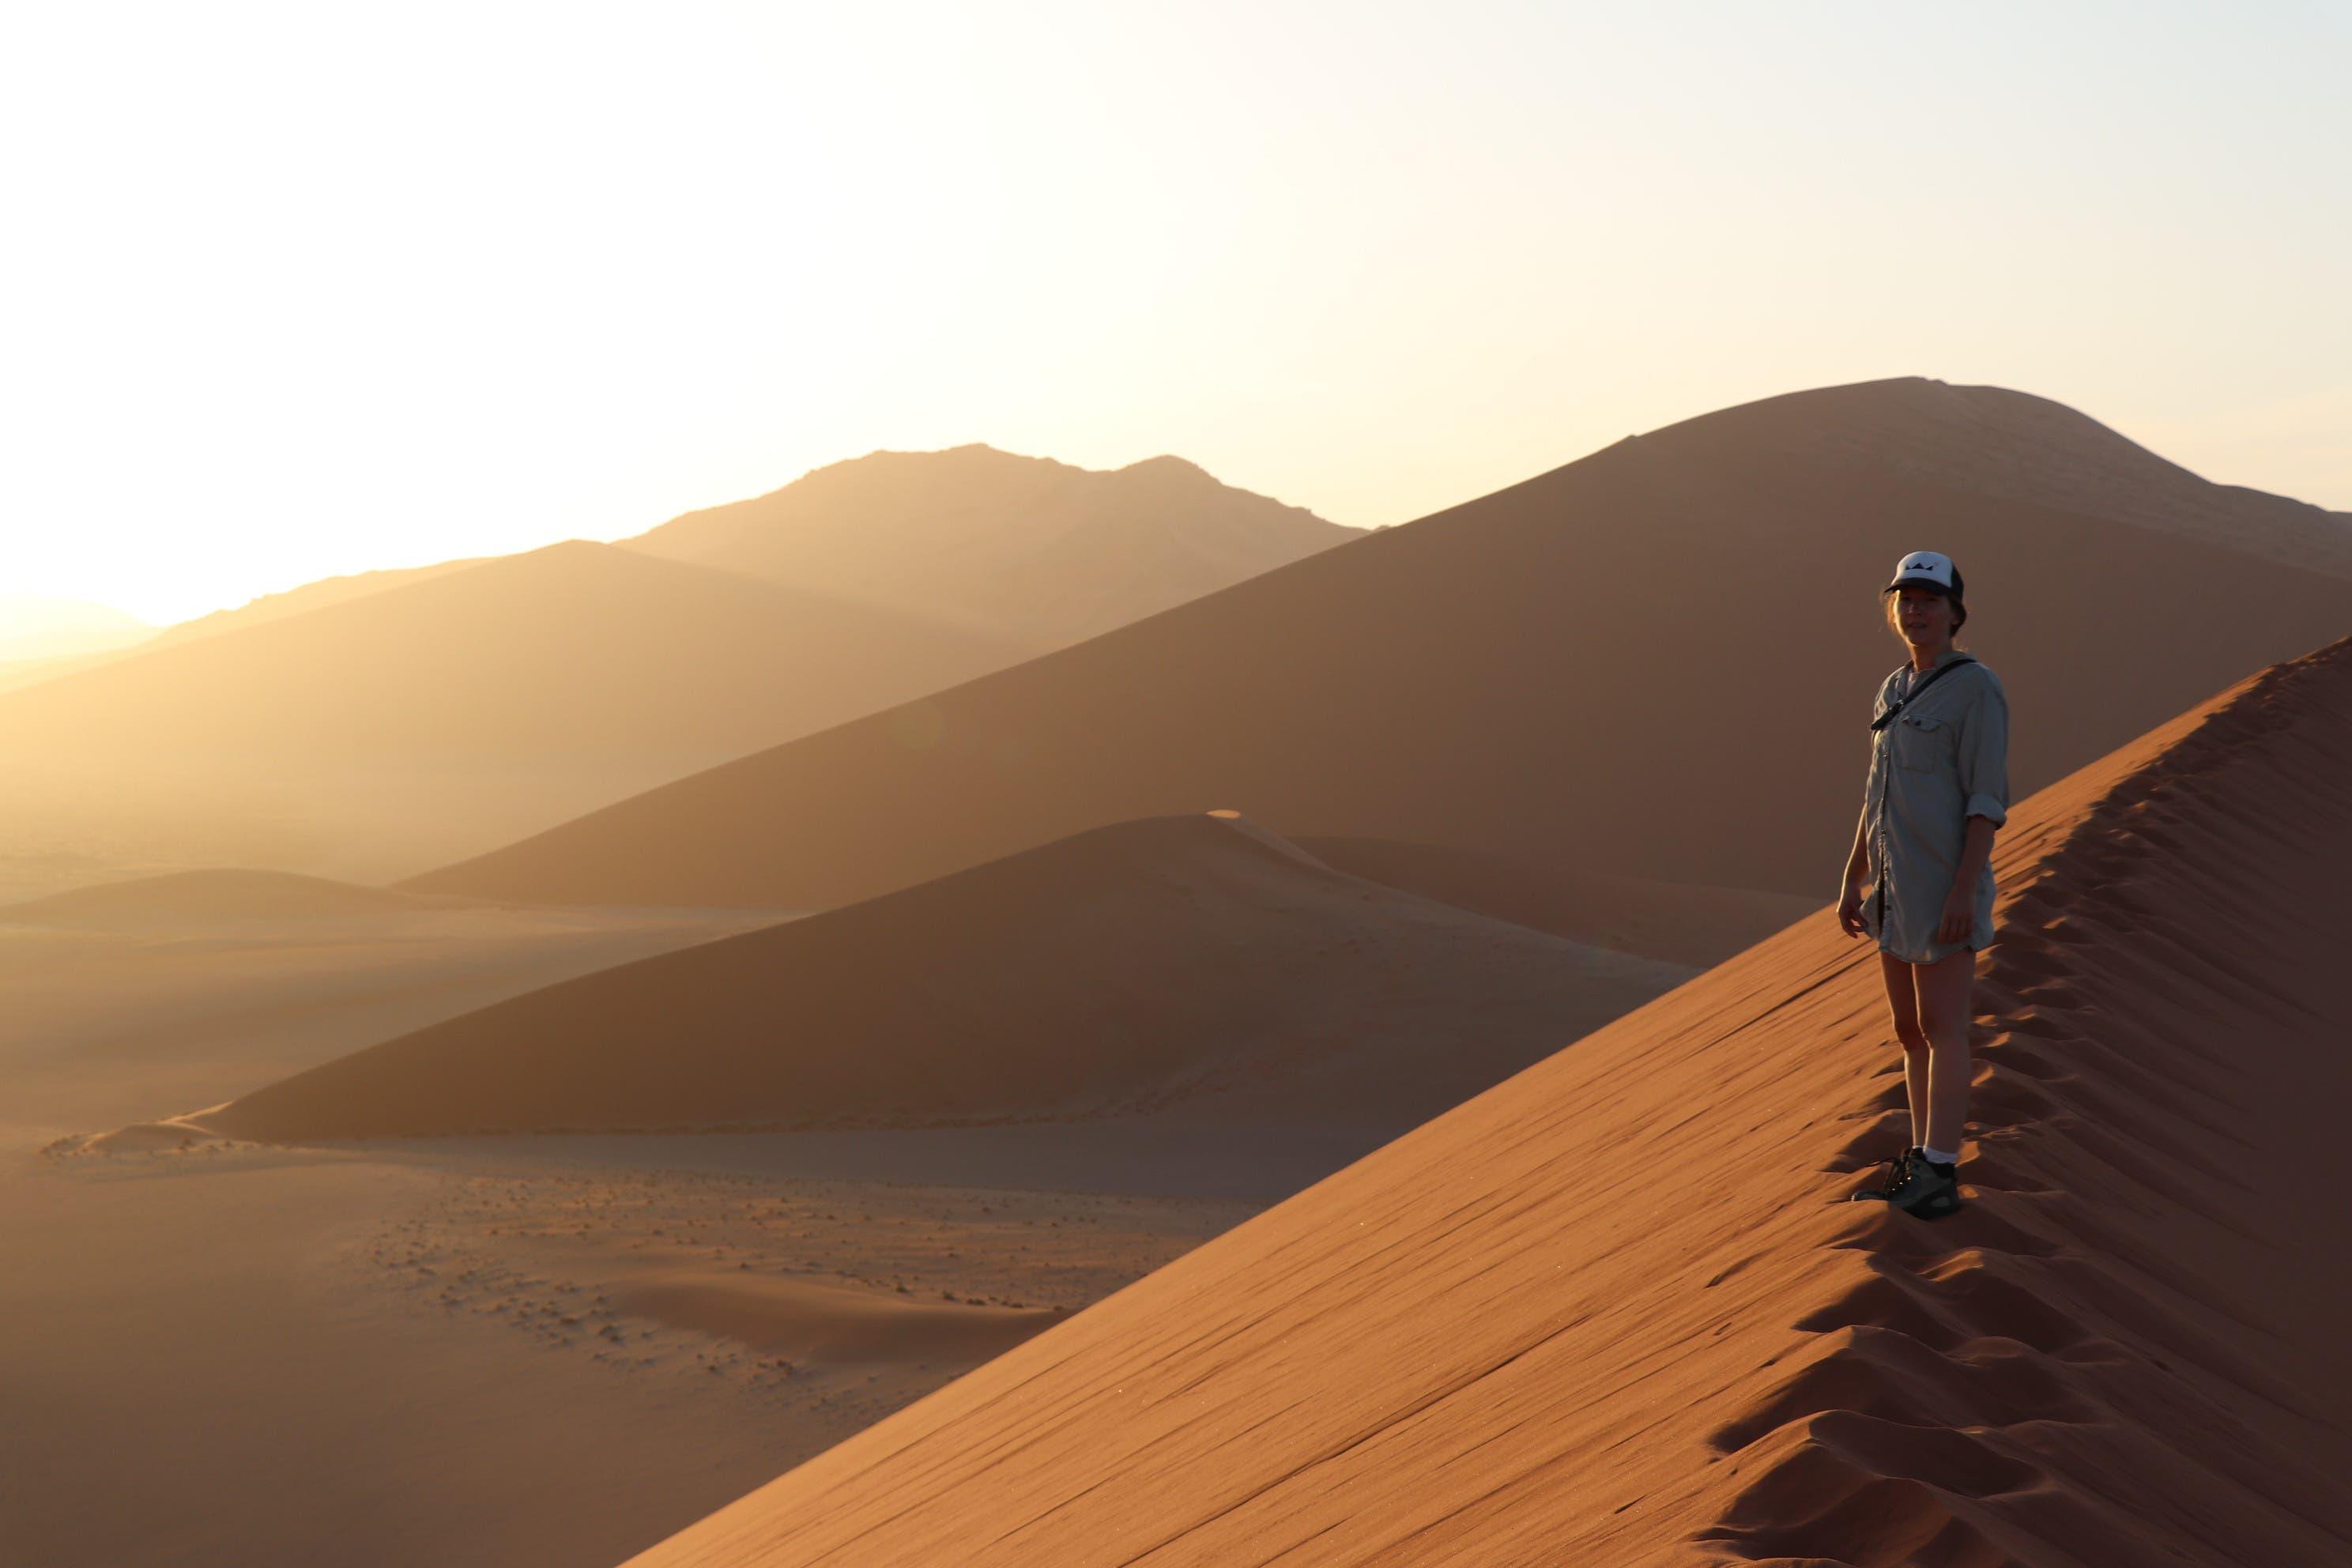 2. November 2020, Namibia: Die eindrücklichen Dünen von Sesriem im Morgenlicht.